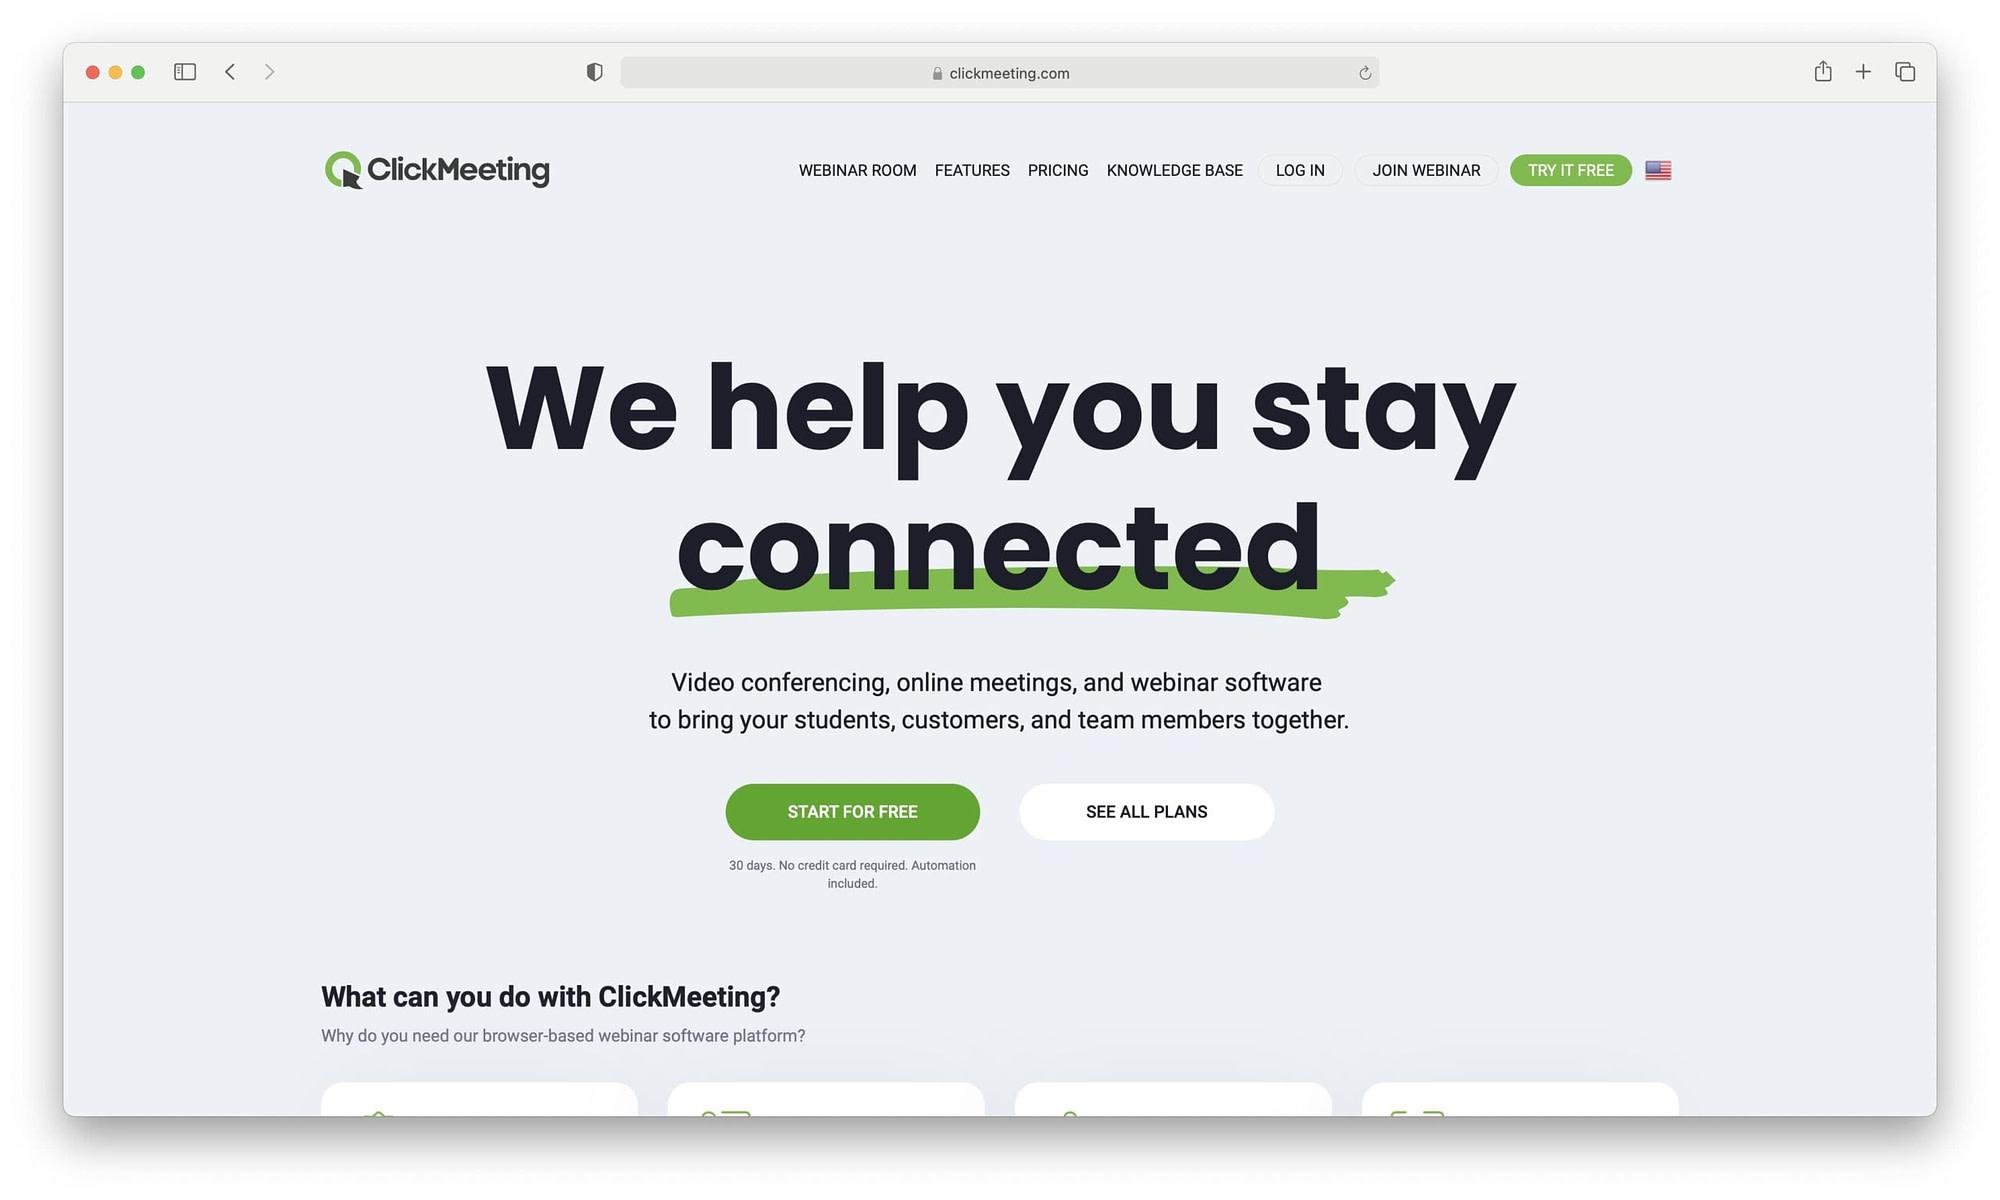 ClickMeeting homepage